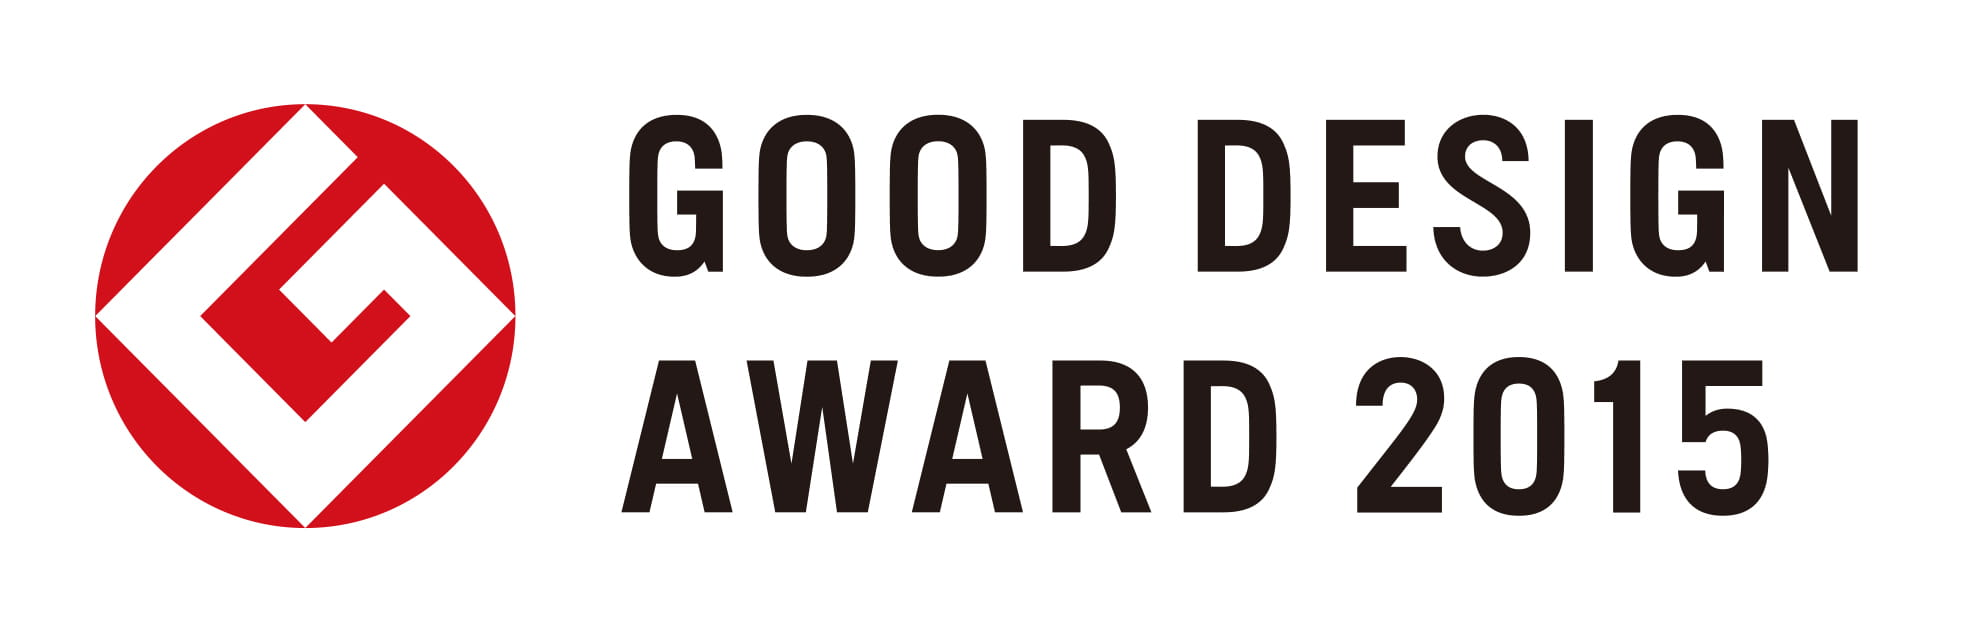 Good Design Award 2015